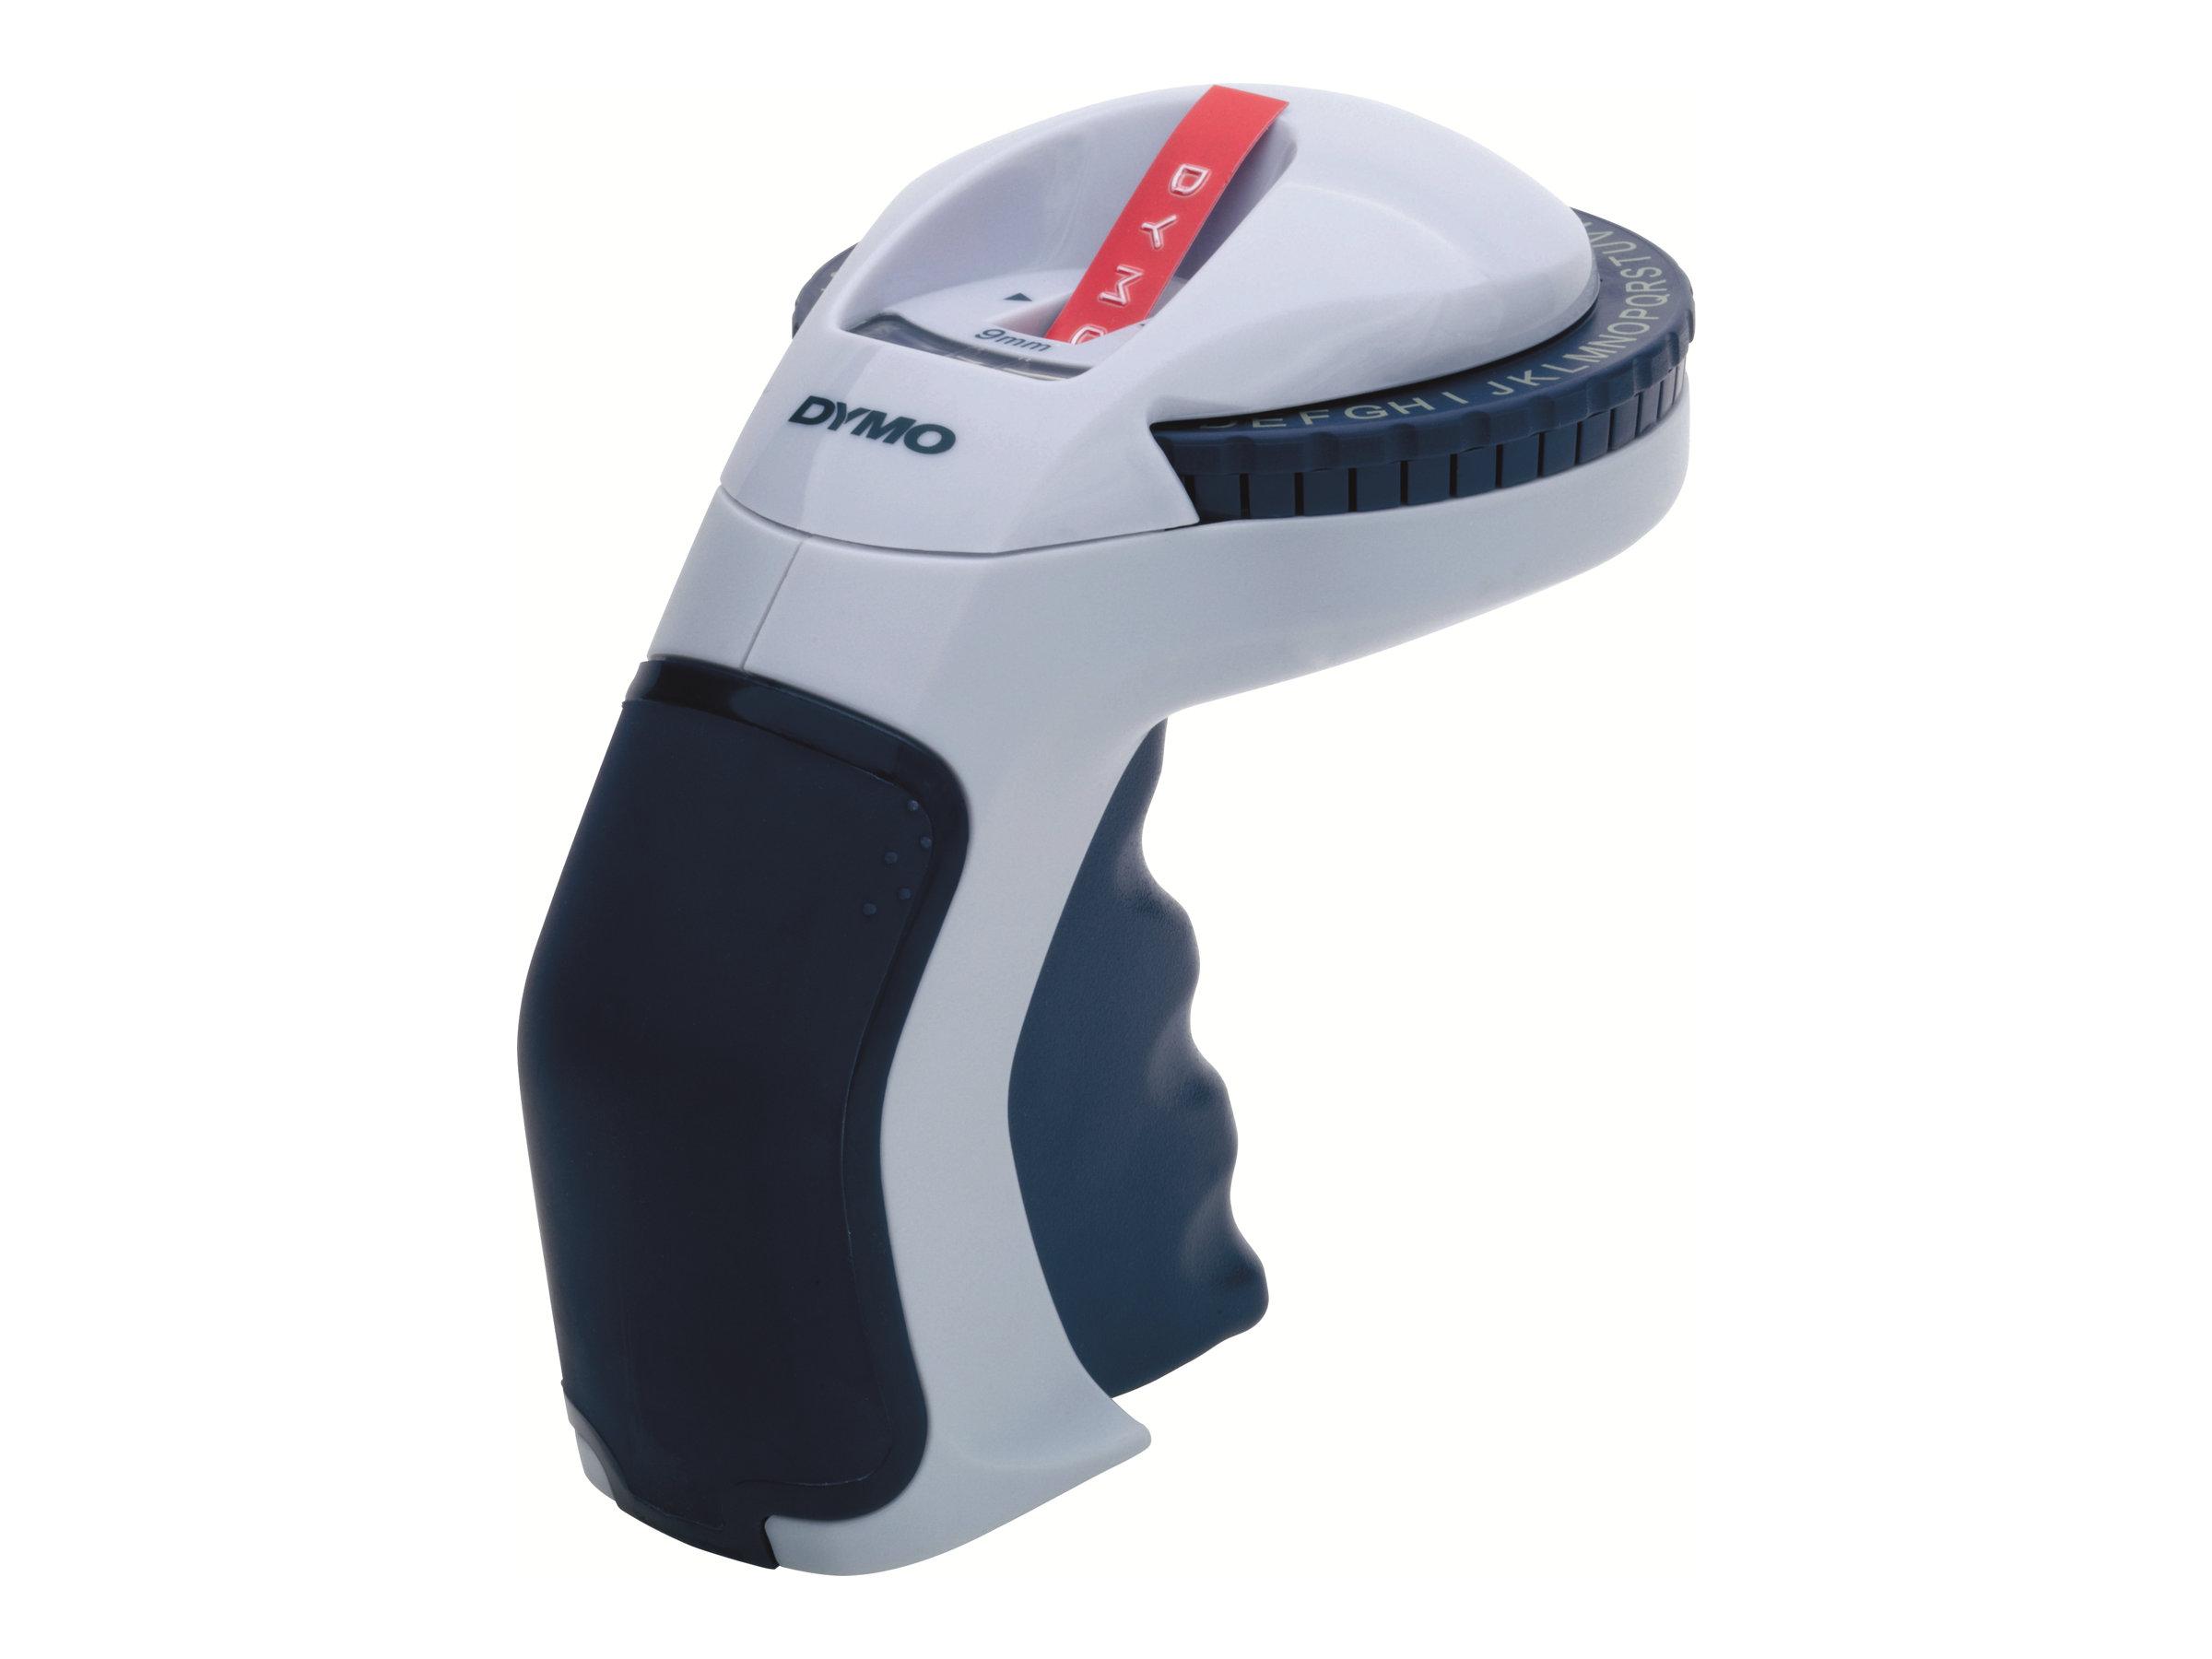 Vorschau: Dymo Omega - Beschriftungsgerät - Typenrad